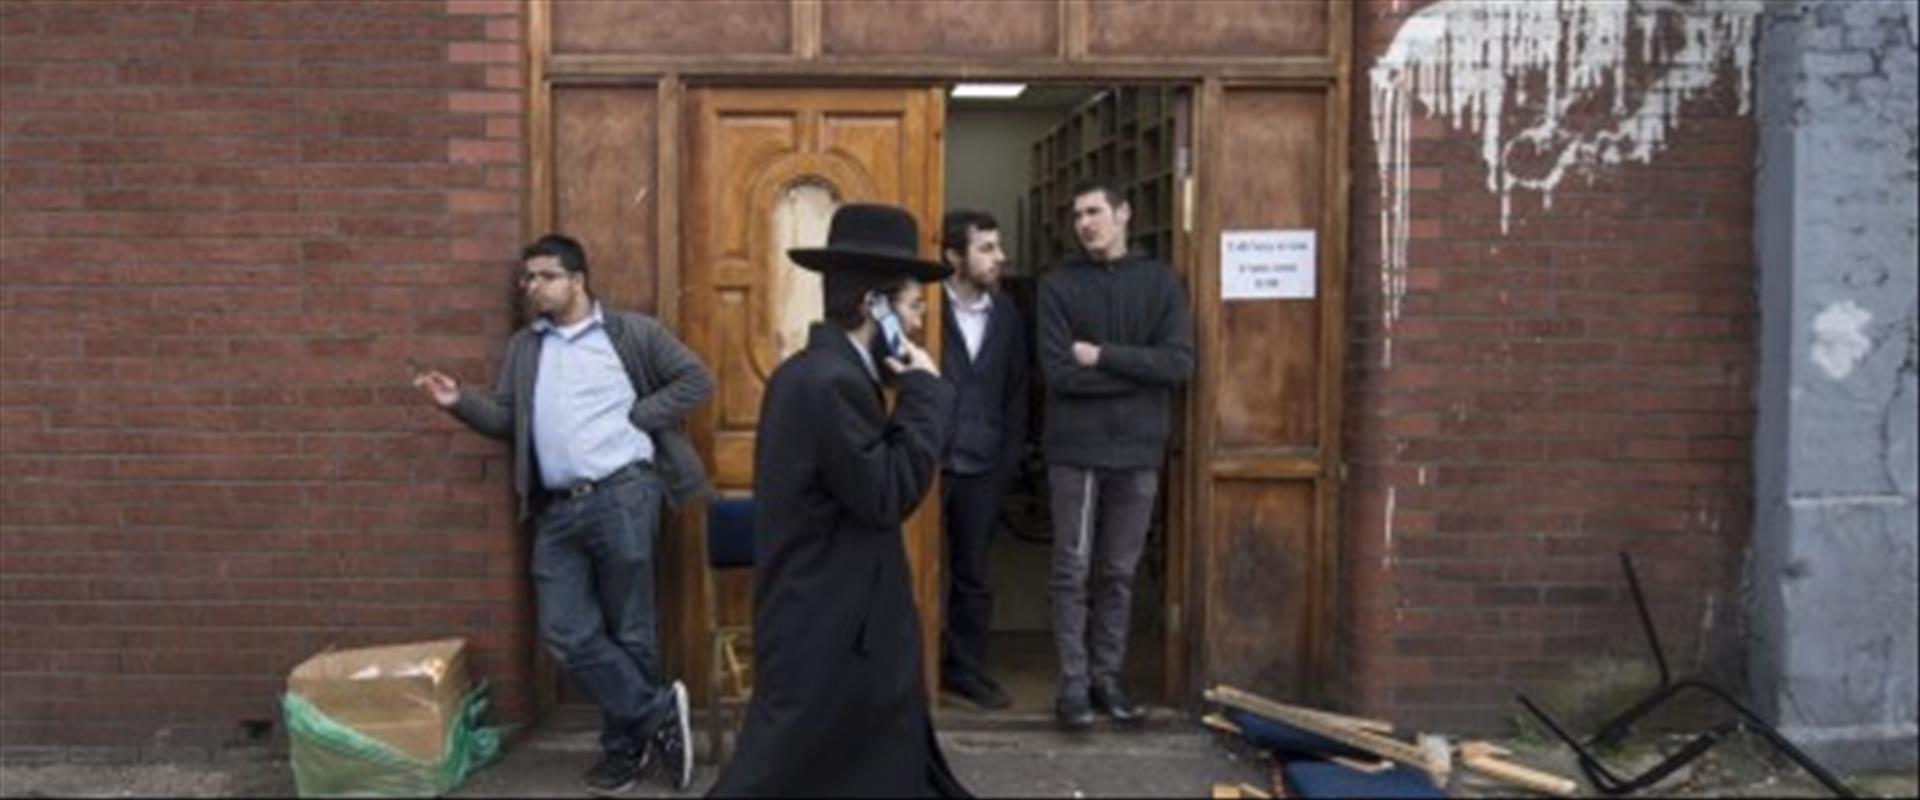 יהודים בשכונת סטמפורד היל בלונדון